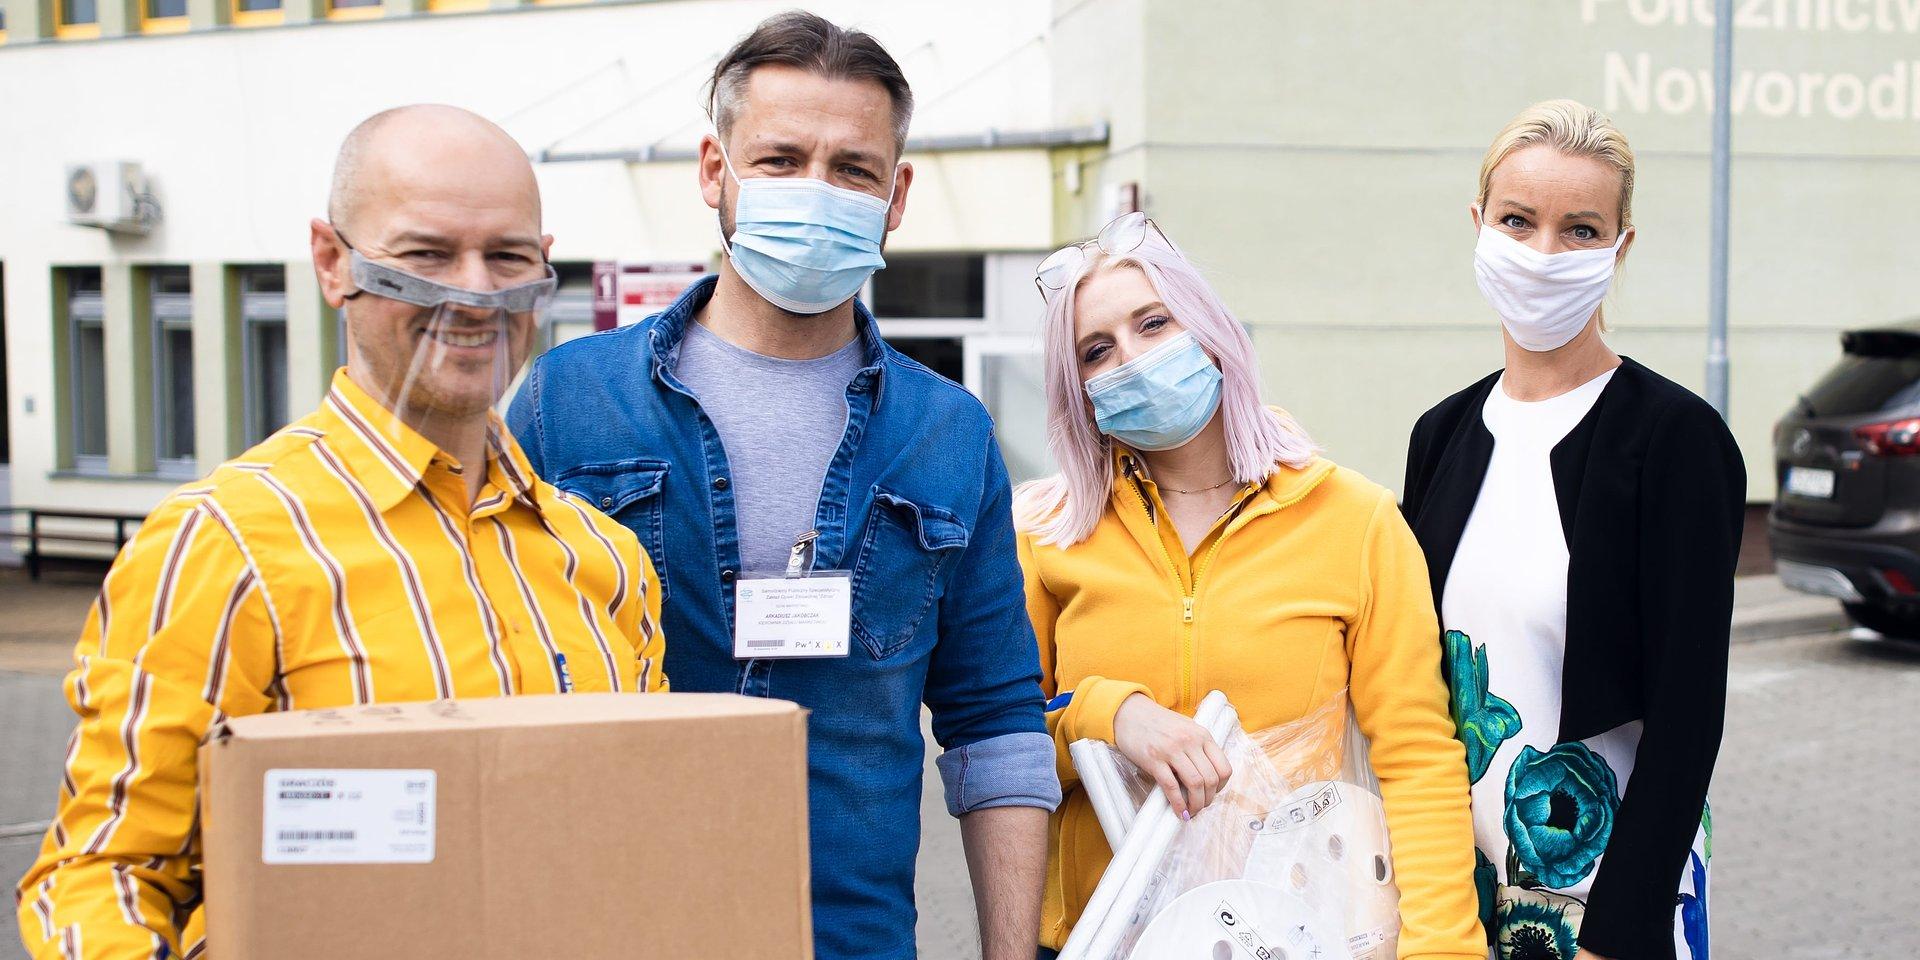 """Zachodniopomorski szpital """"Zdroje"""" w Szczecinie otrzymał nowe wyposażenie od IKEA w ramach akcji #PomagamyRazem"""